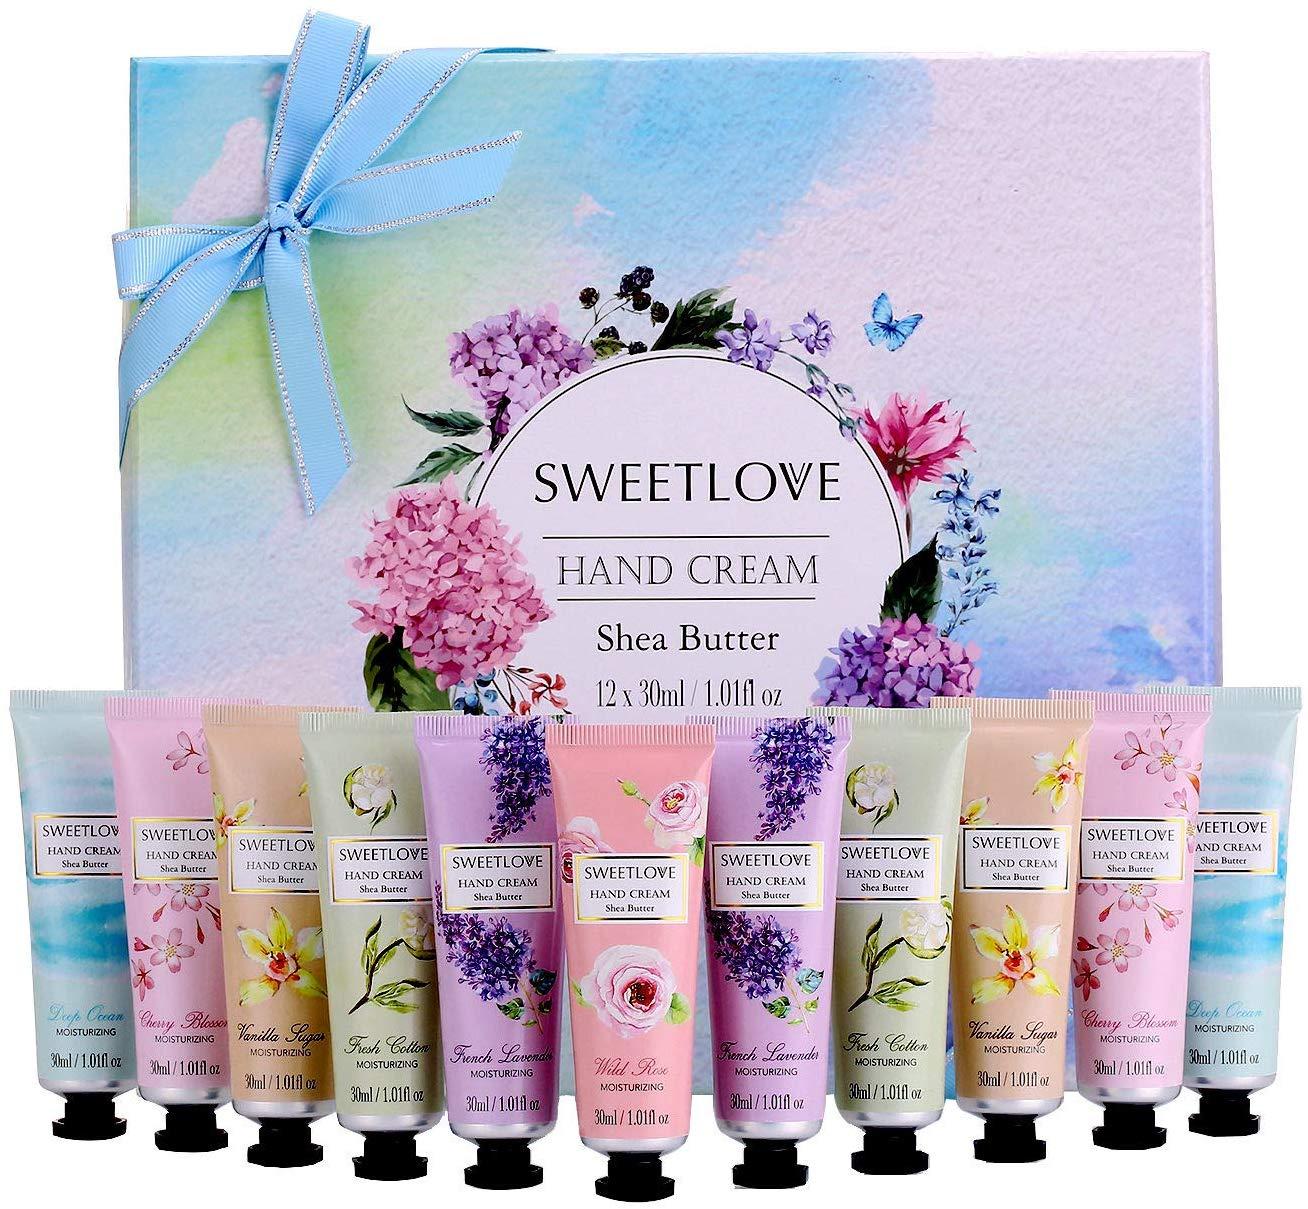 shea-butter-hand-cream-gift-set